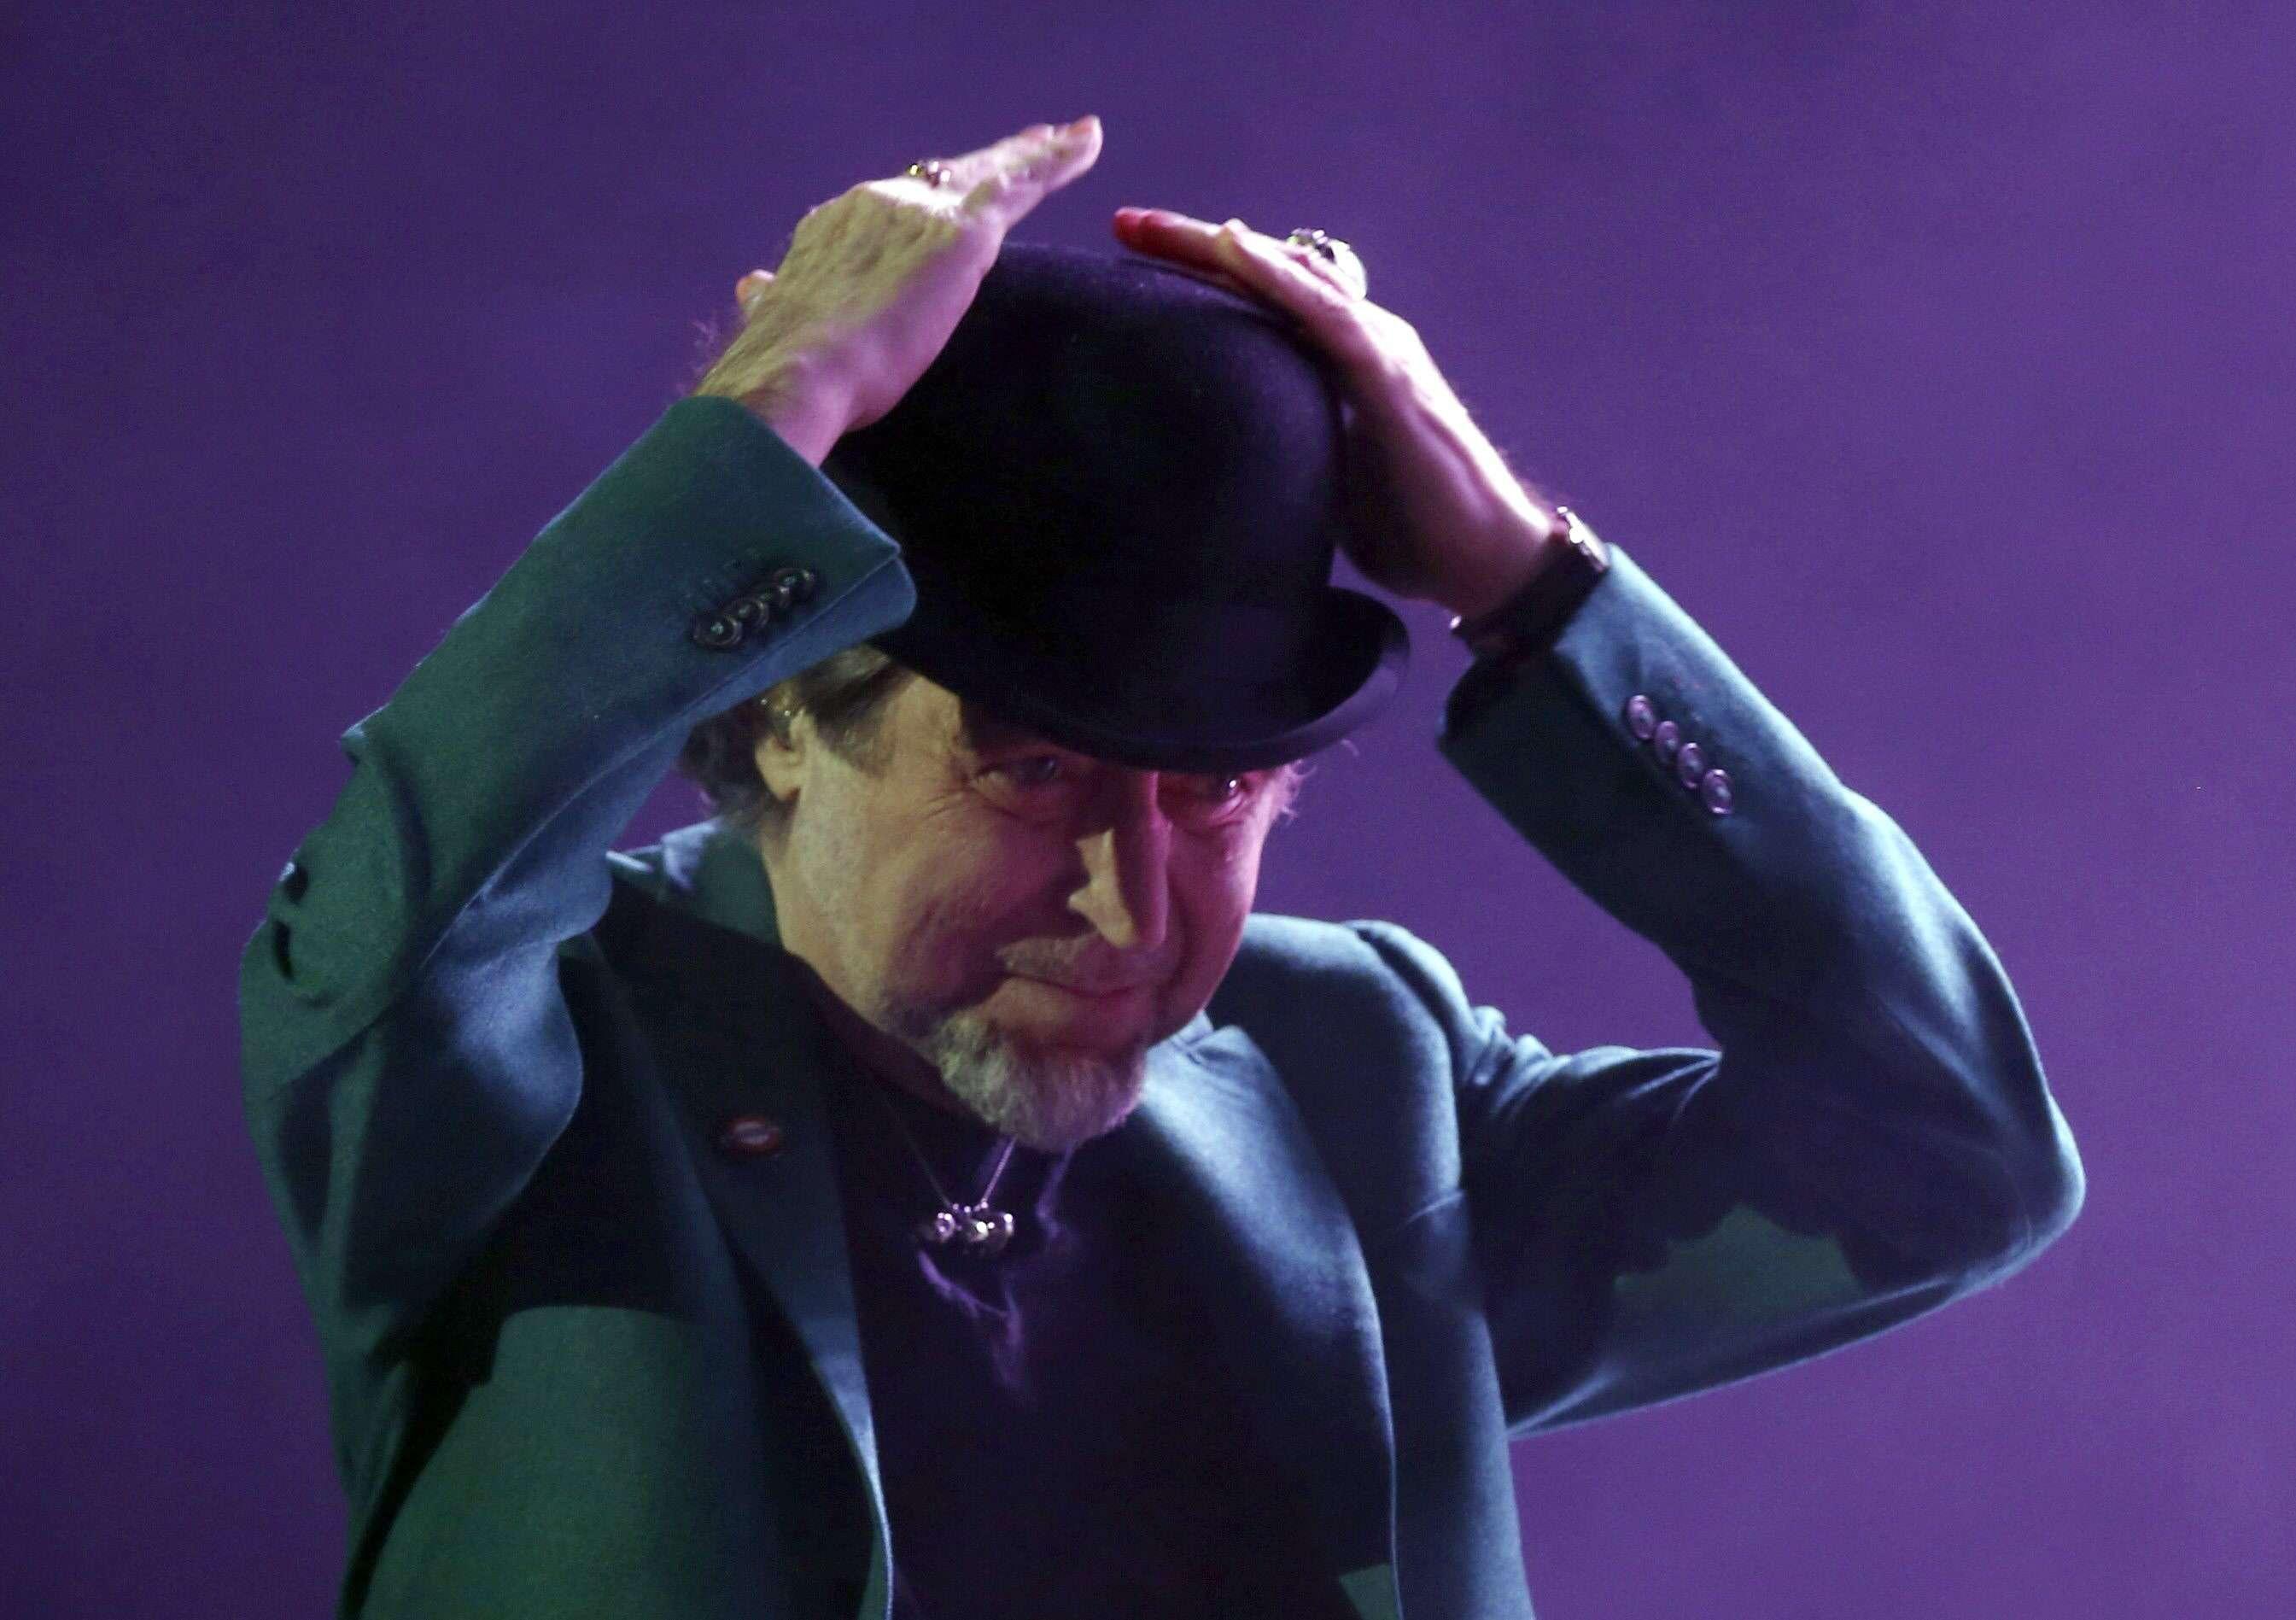 El cantante Joaquín Sabina durante el concierto que ofreció anoche en el Palacio de los Deportes de la Comunidad de Madrid. Foto: EFE en español